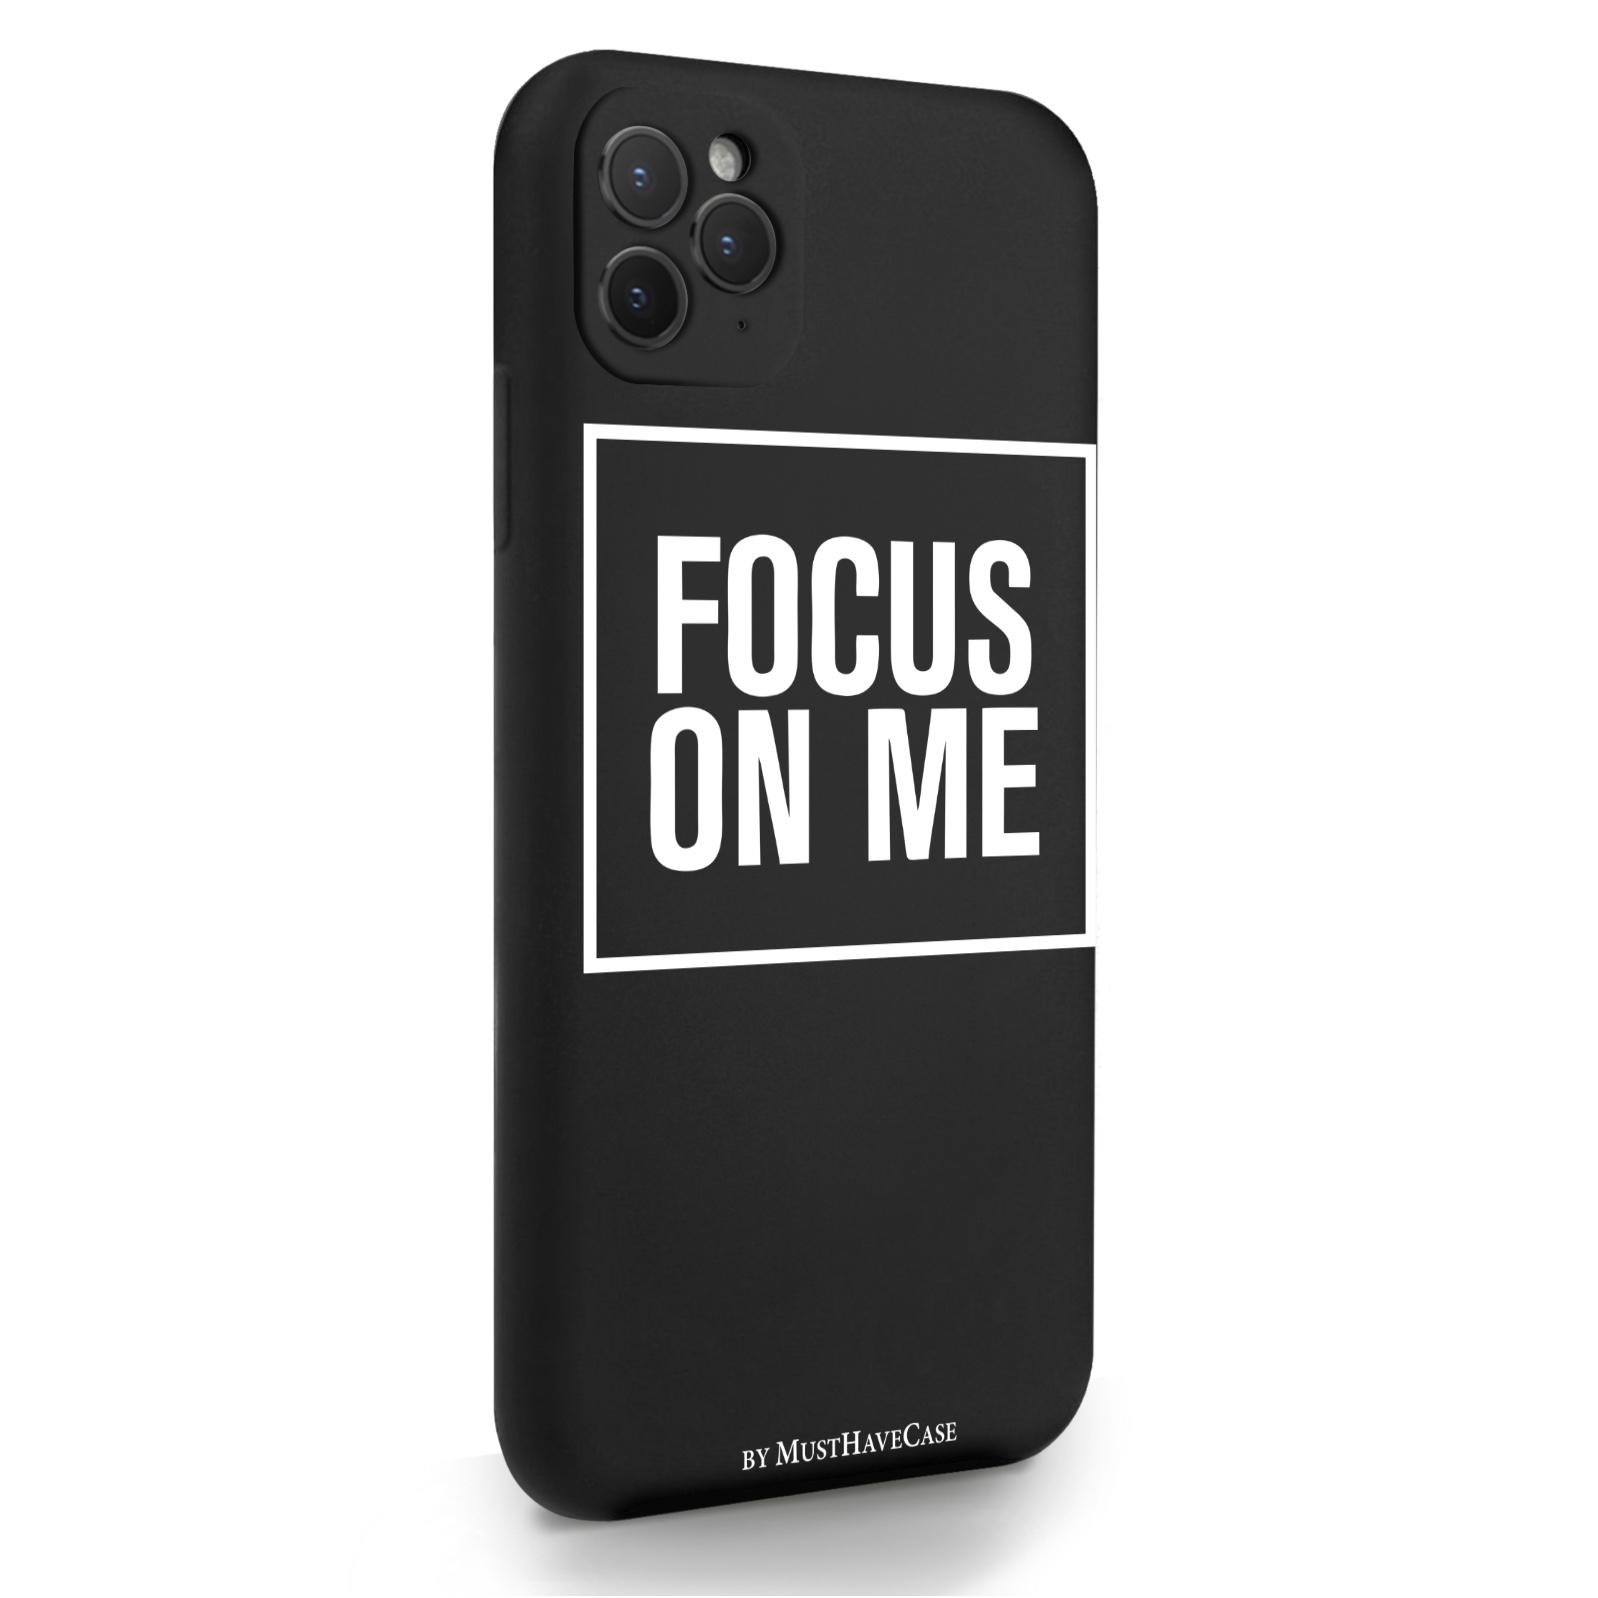 Черный силиконовый чехол для iPhone 11 Pro Max Focus on me для Айфон 11 Про Макс